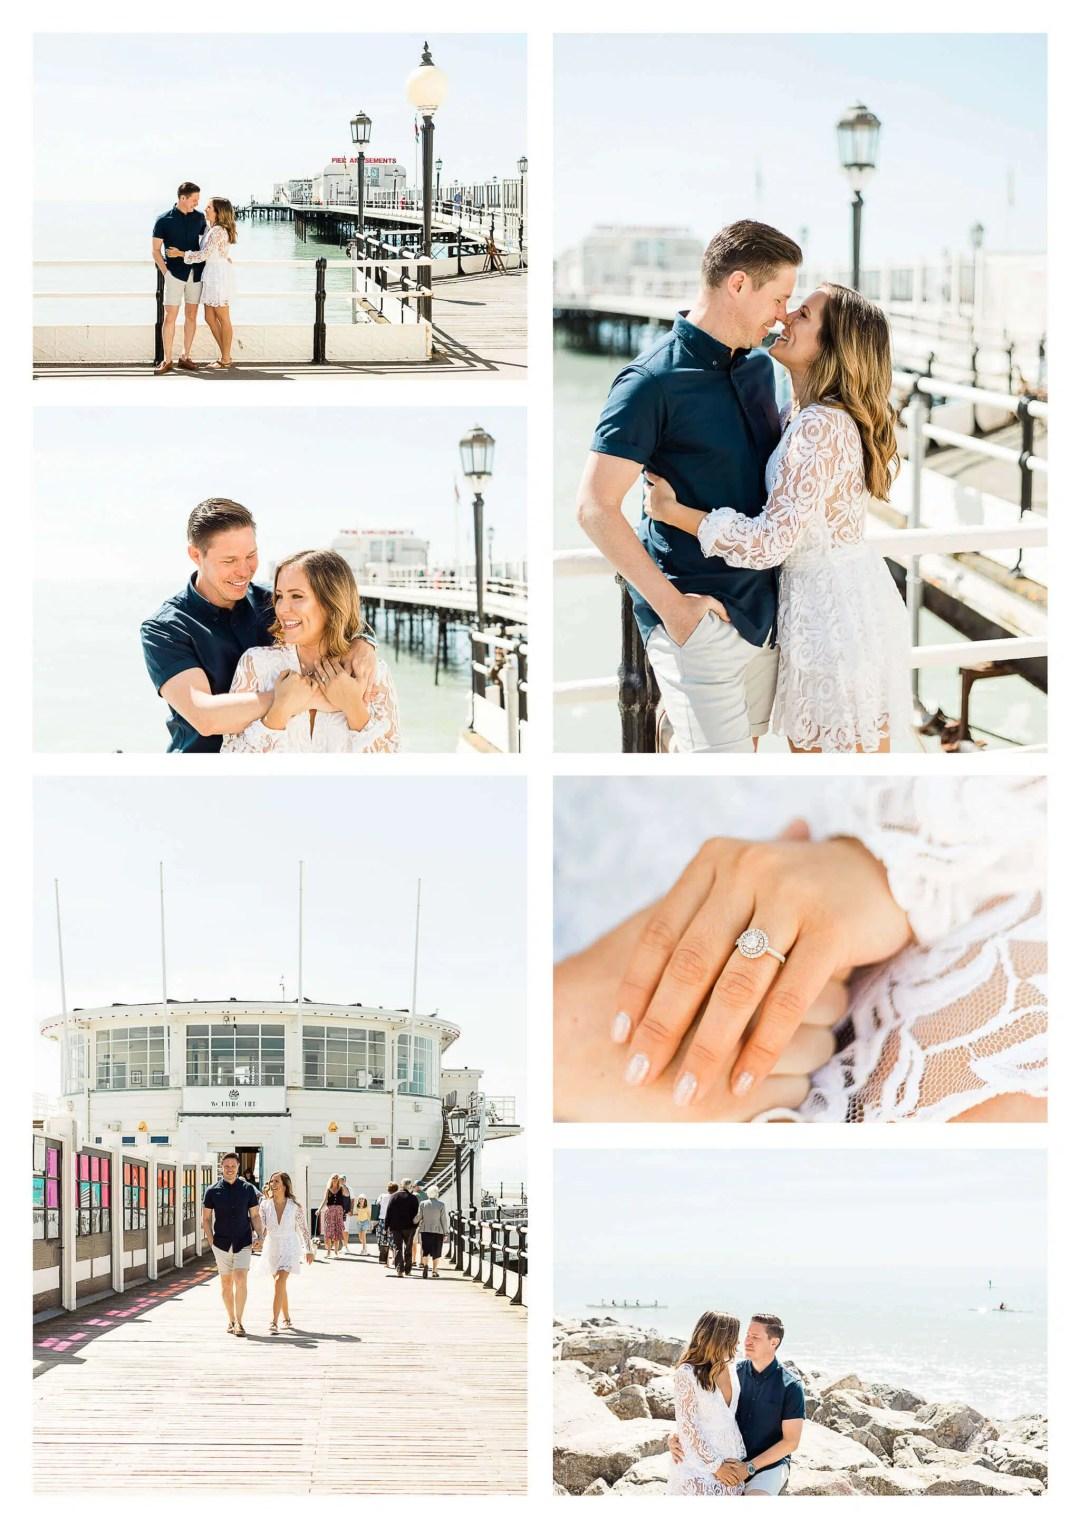 Worthing Pier Engagement Photography   Worthing Wedding Photographer